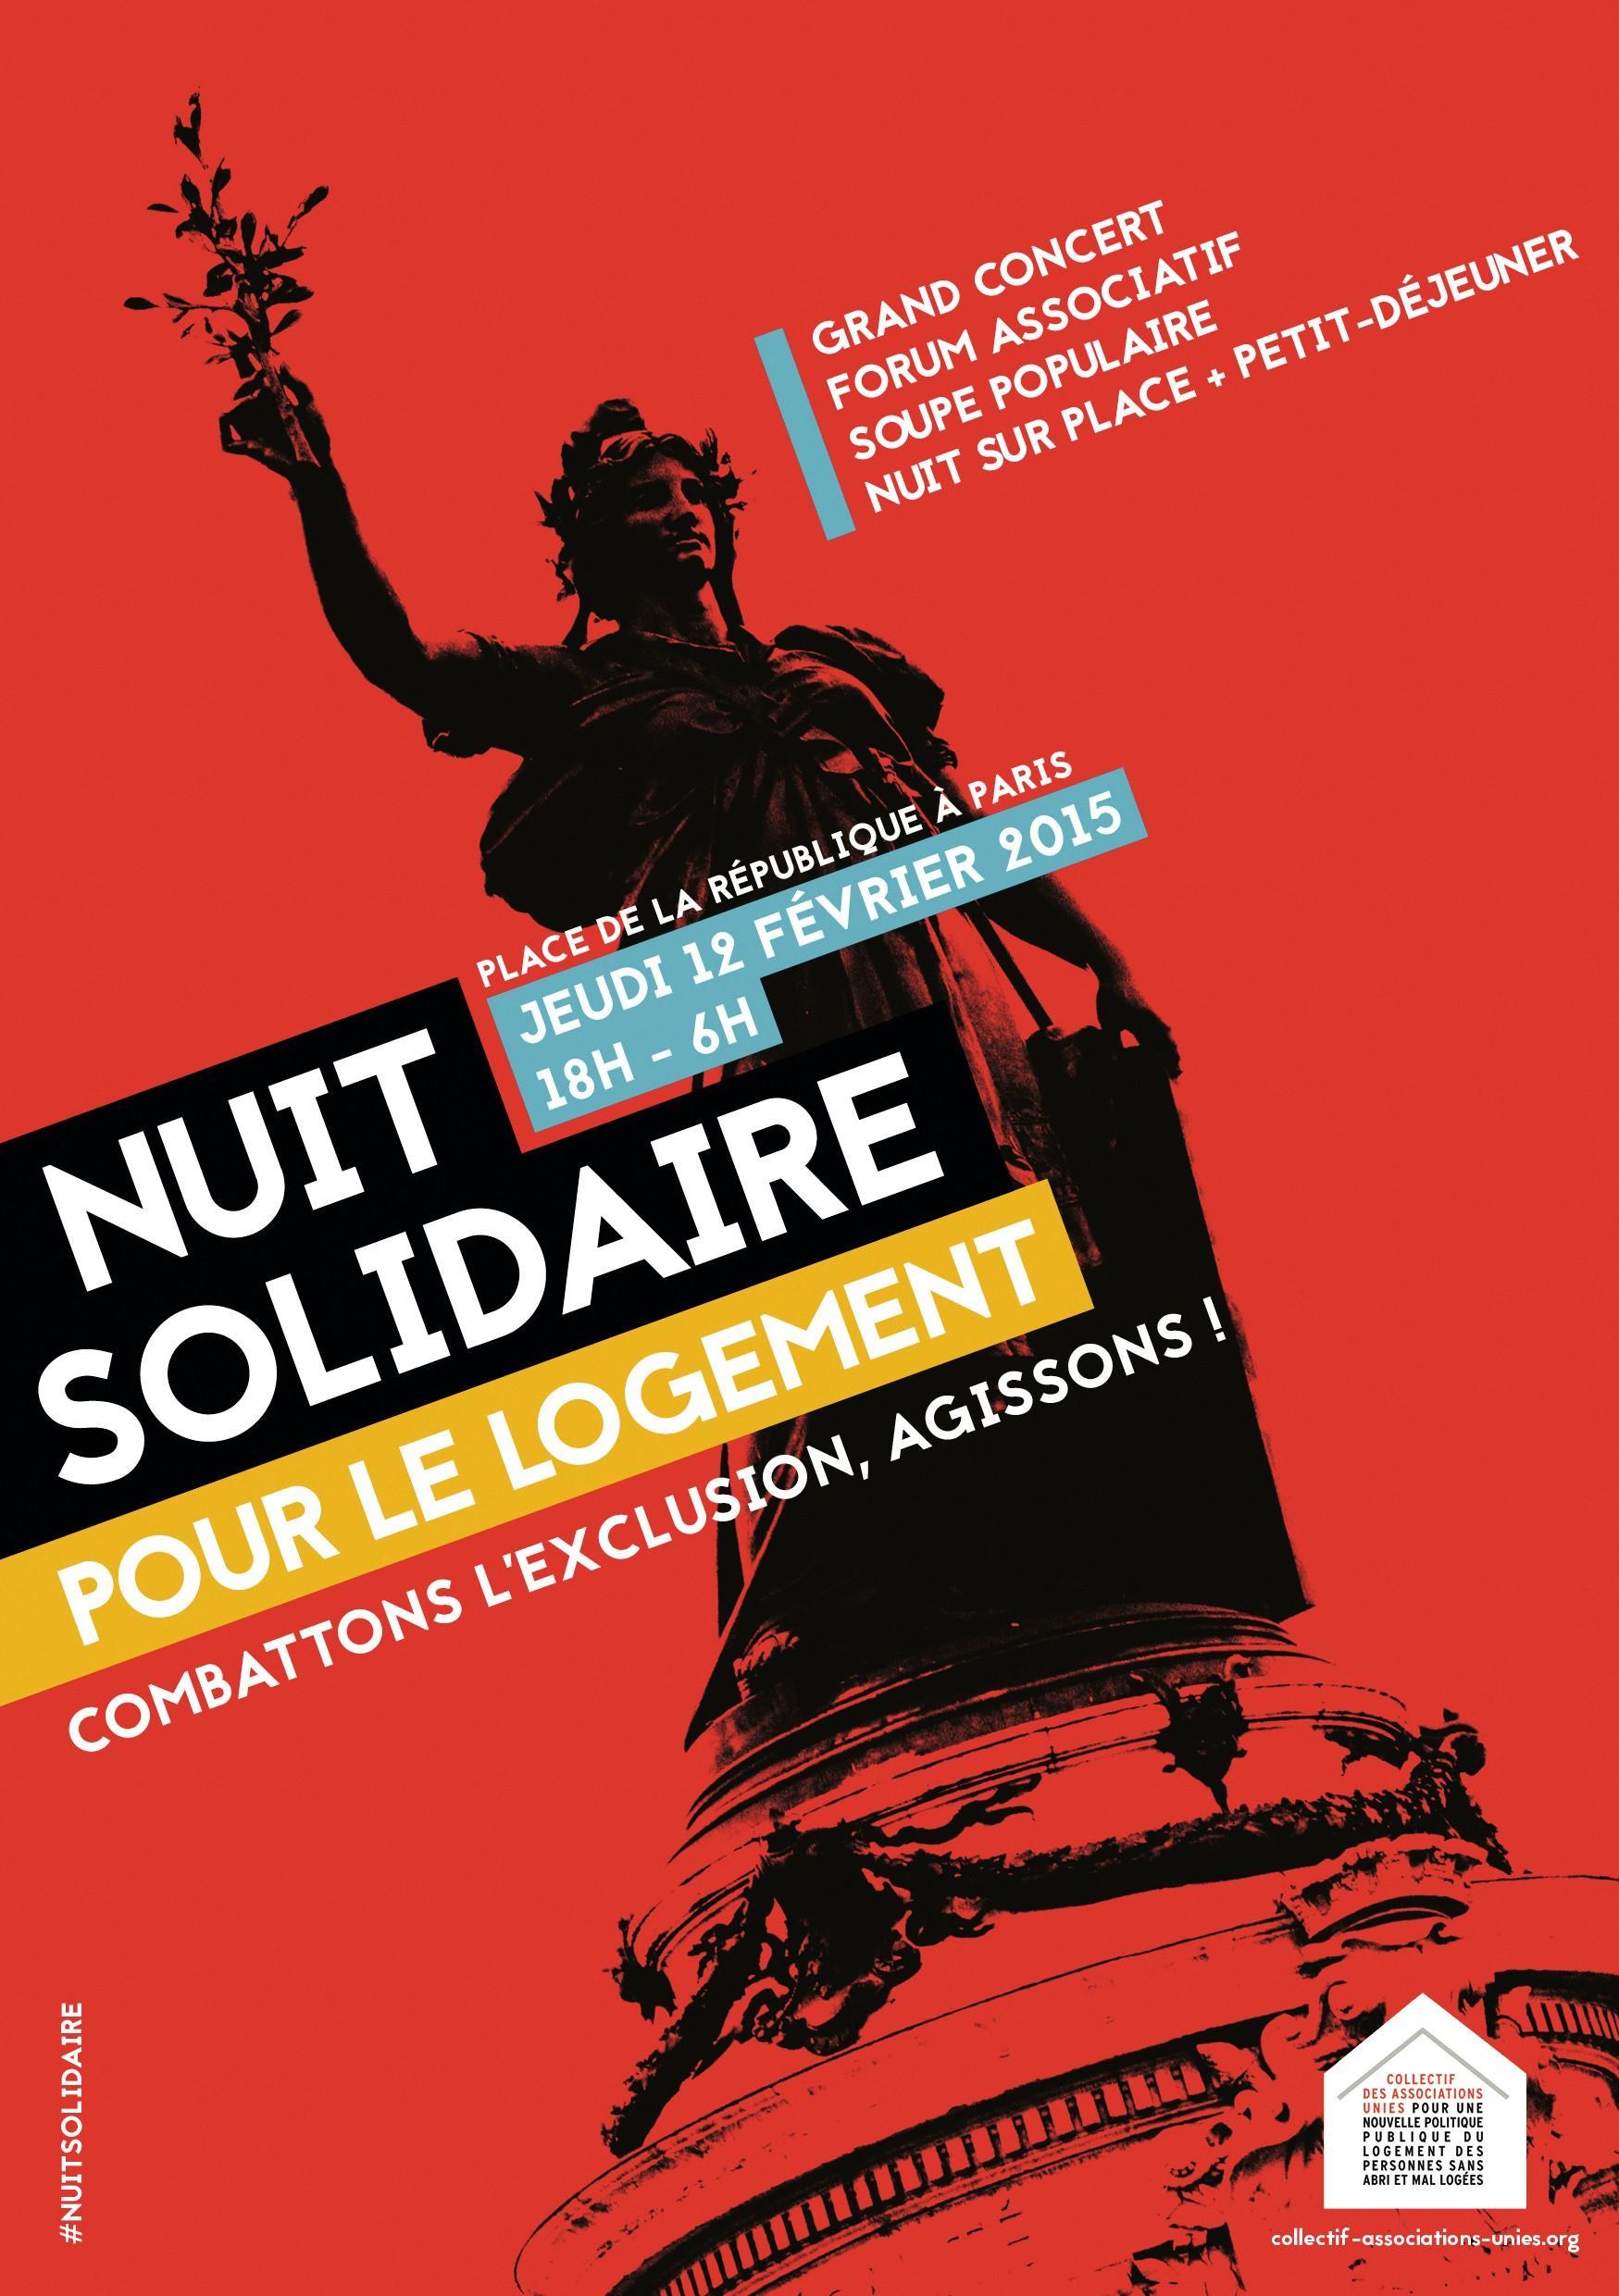 Affiche pour un événement associatif de lutte contre l'exclusion.